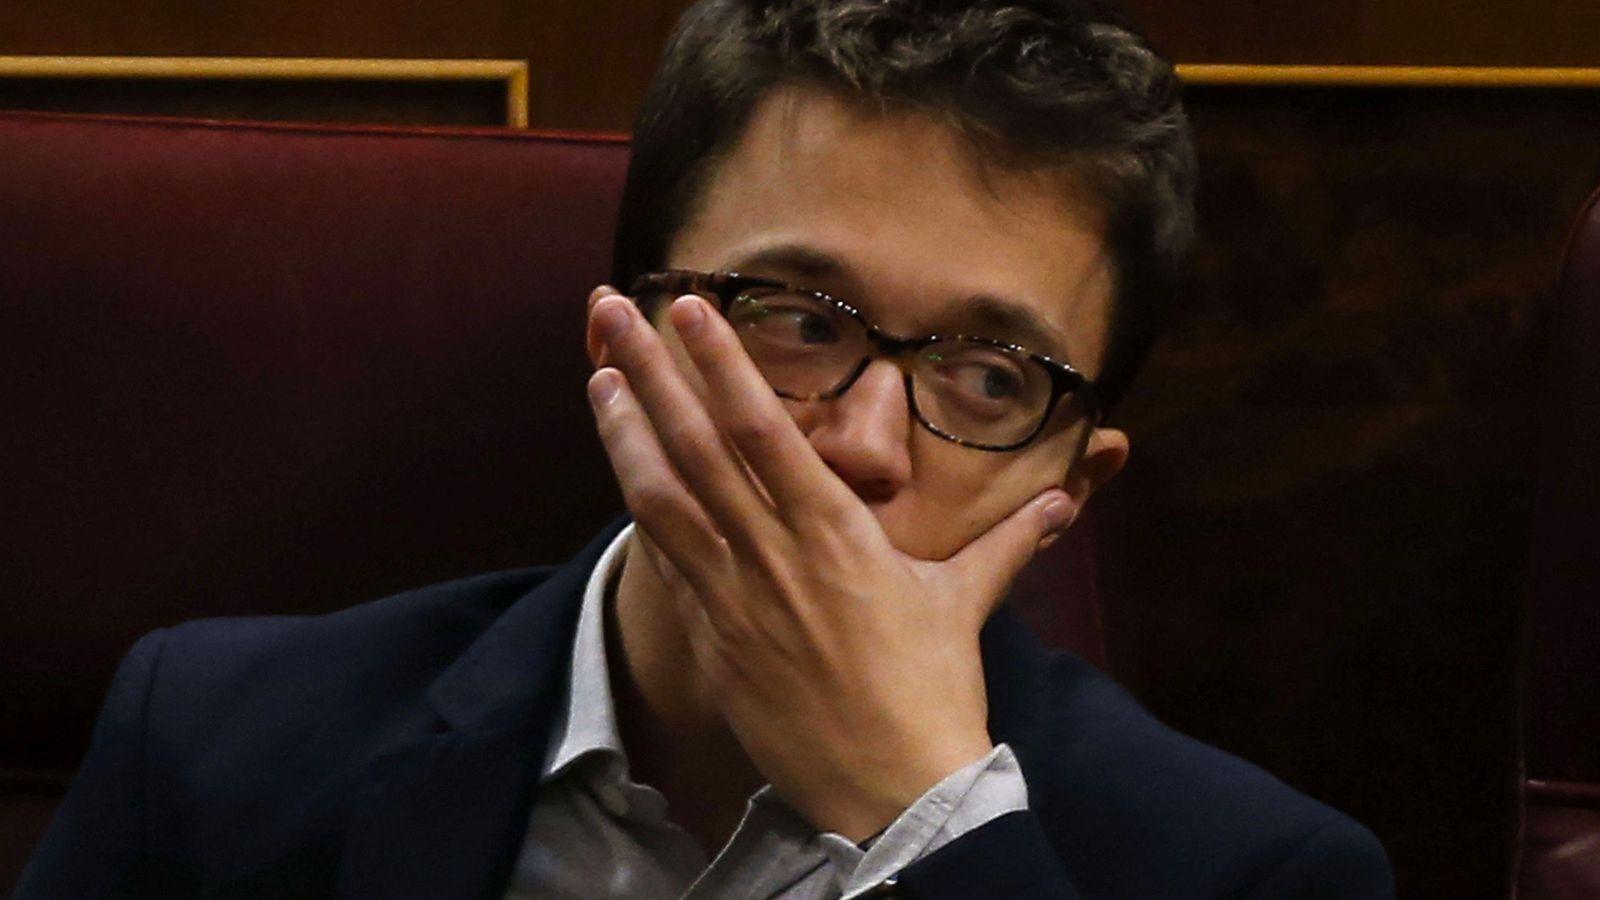 Foto: El portavoz parlamentario de Podemos, Íñigo Errejón, durante una sesión de control al Gobierno. (Efe)